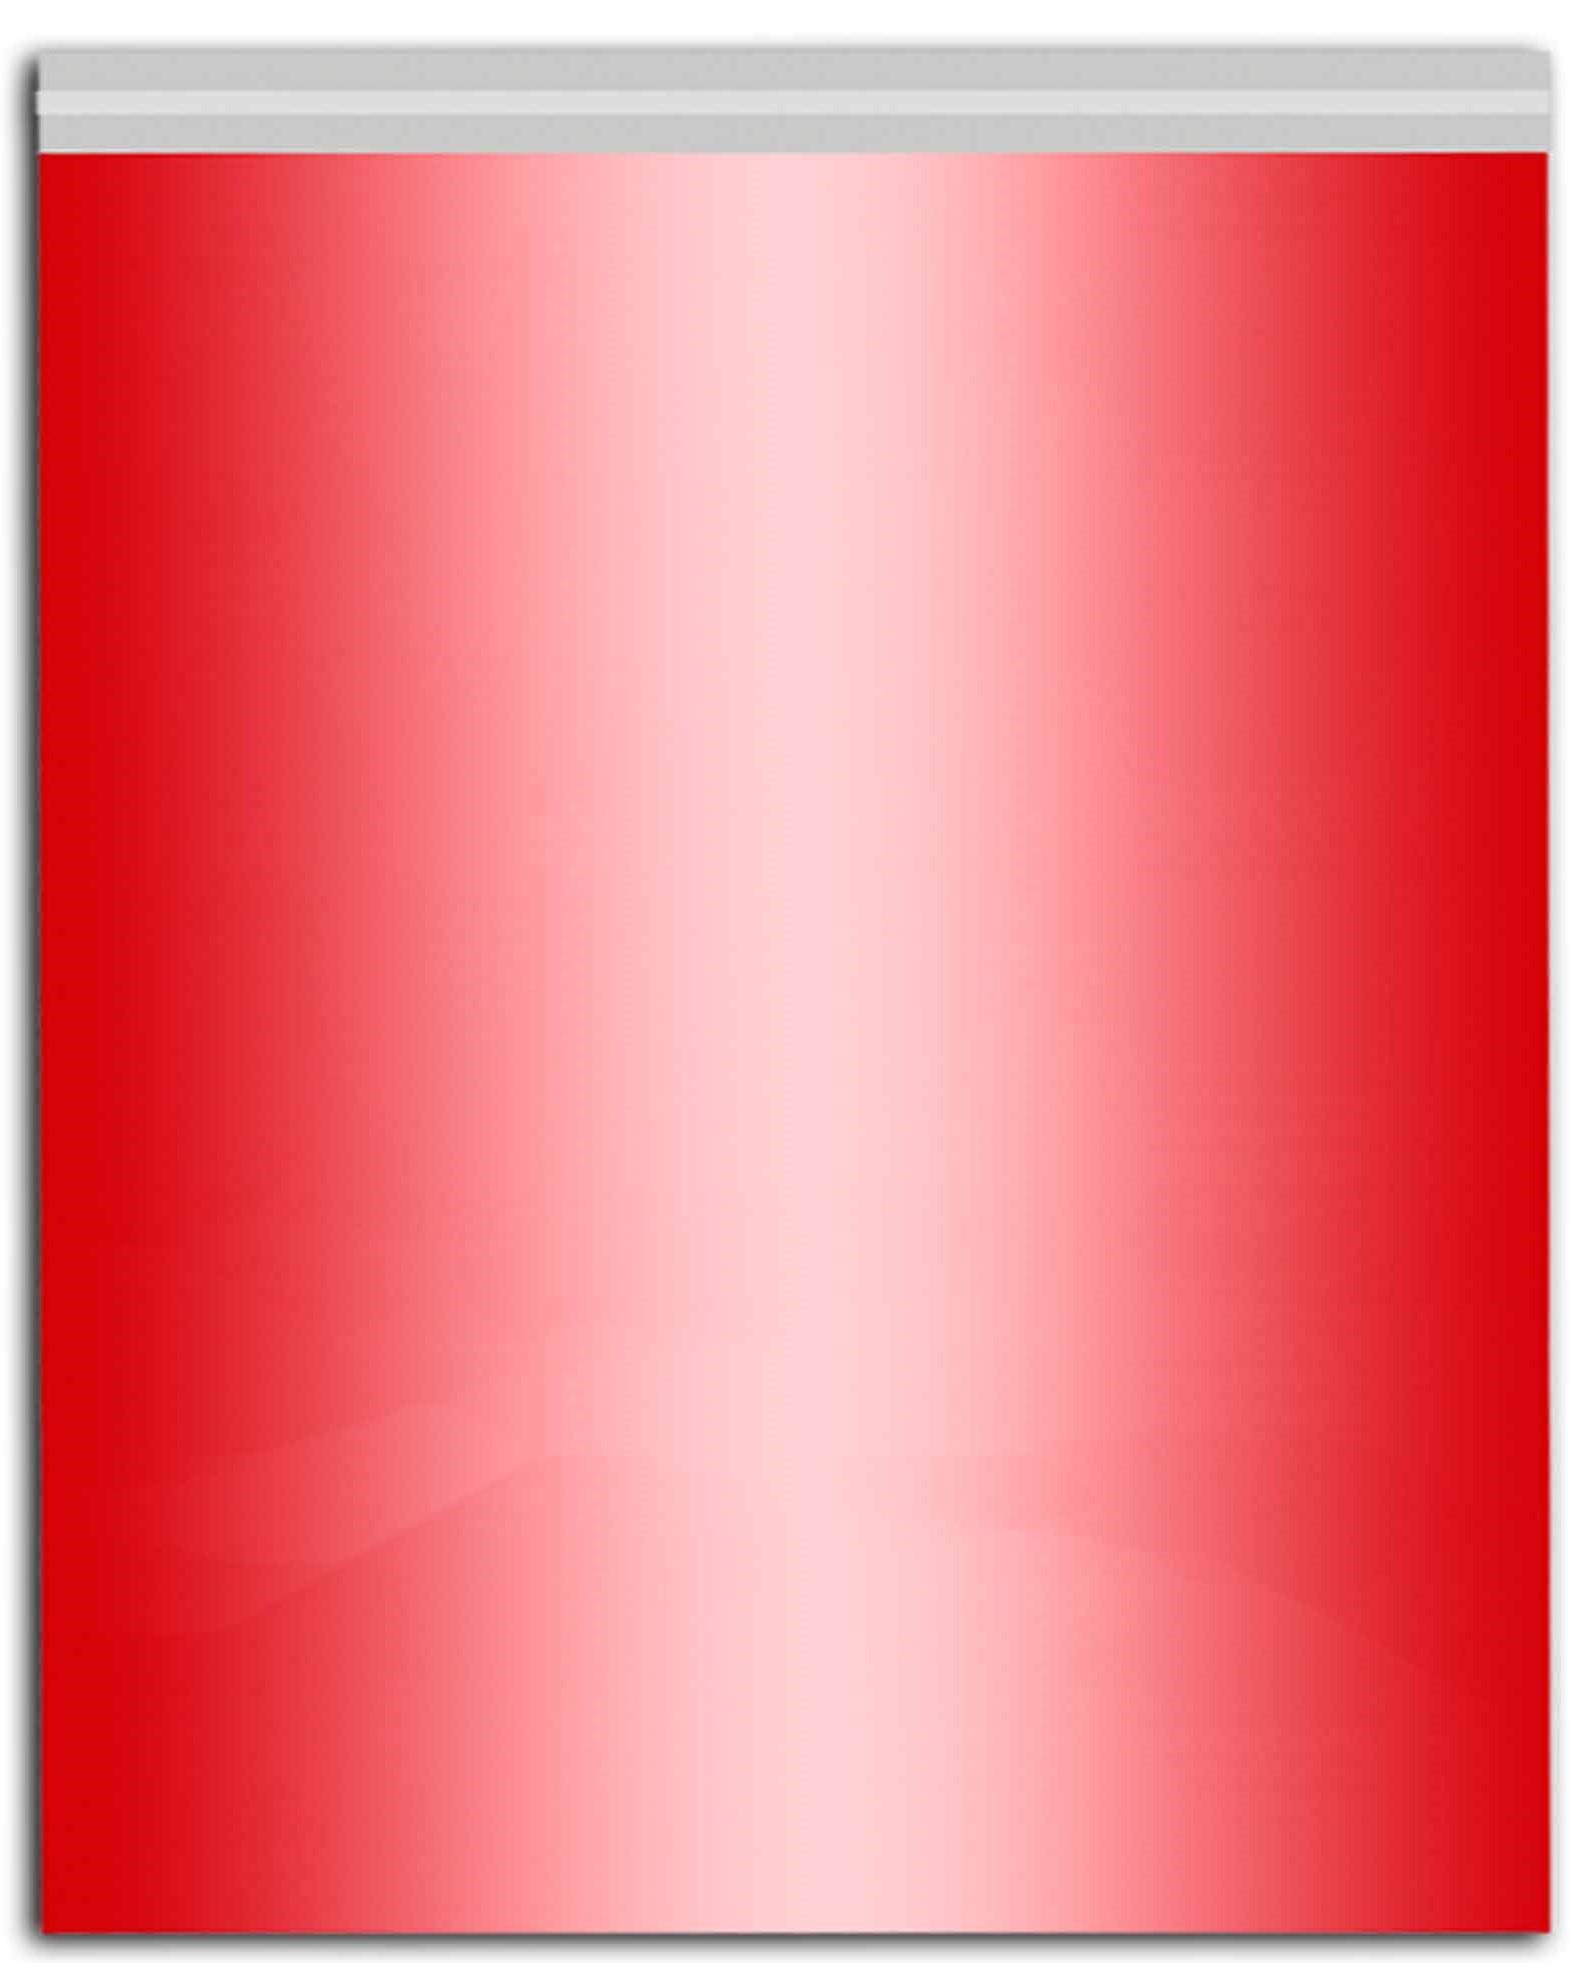 41152 Sobre Regalo 40X50 Rojo Image